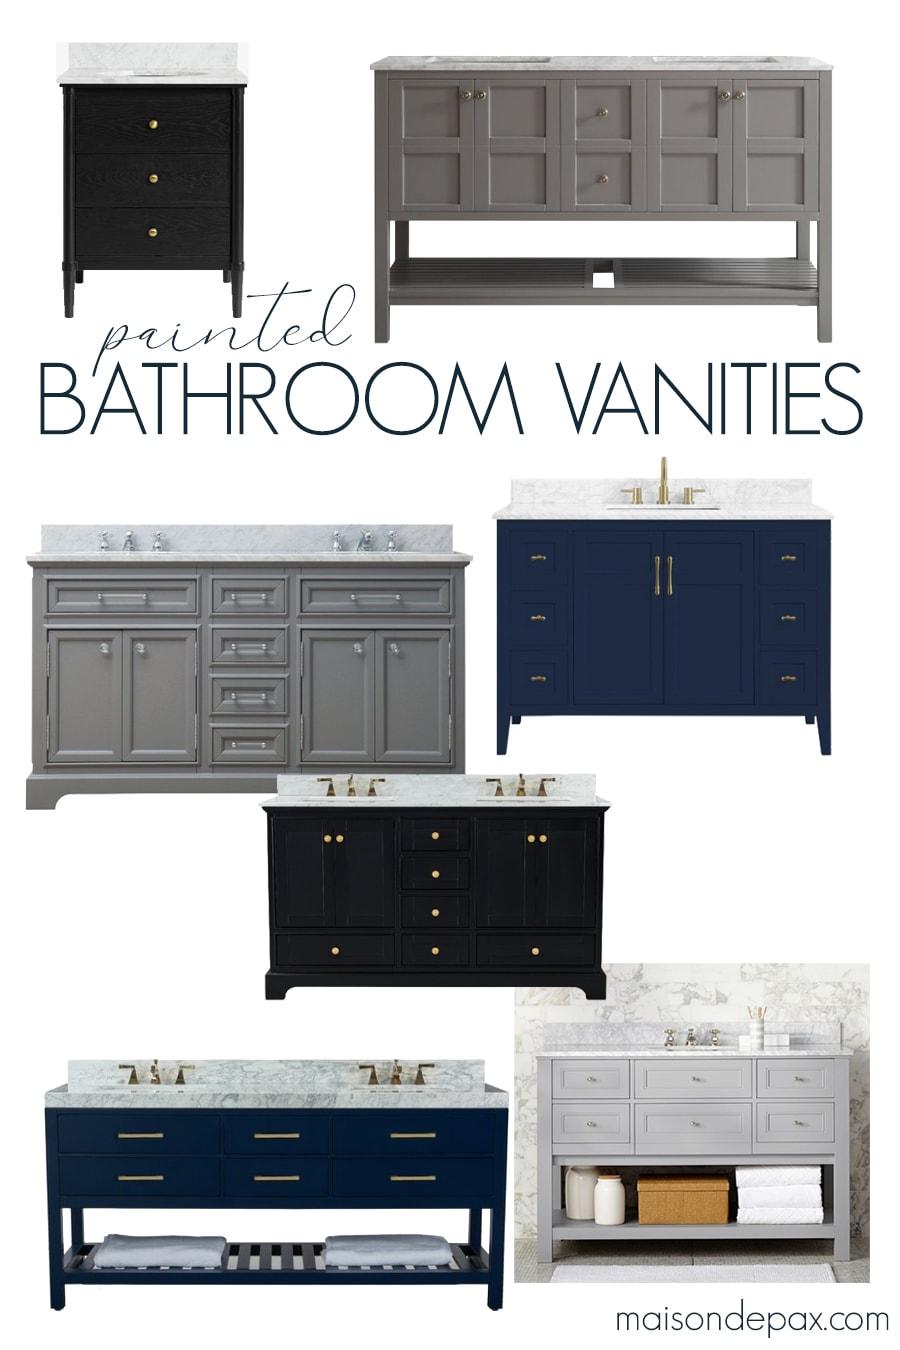 painted bathroom vanities | Maison de Pax